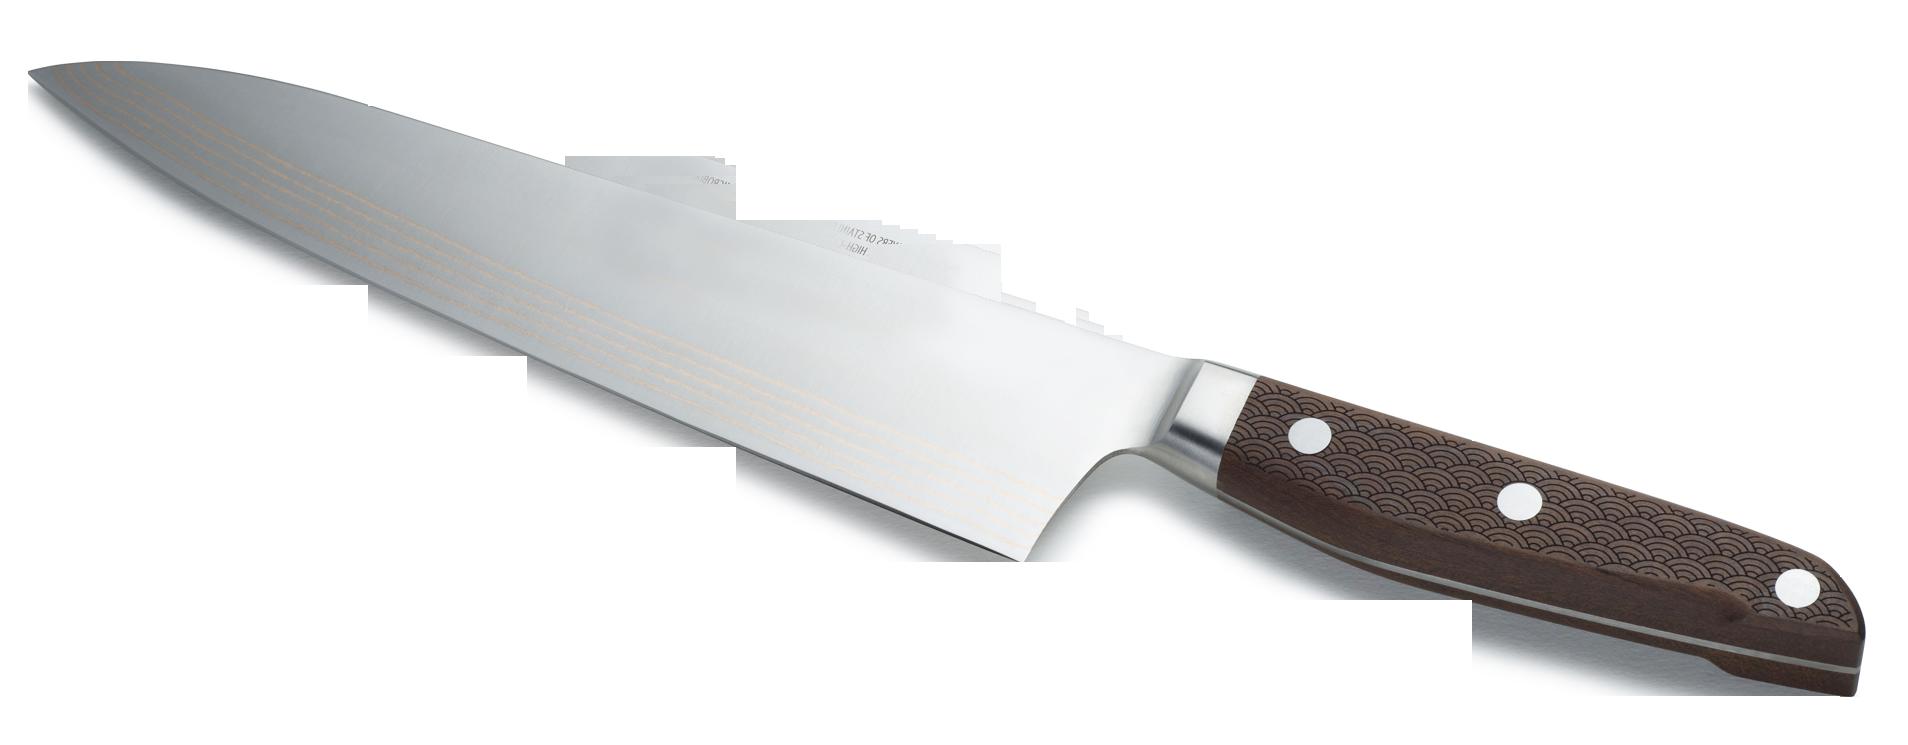 K for Knives